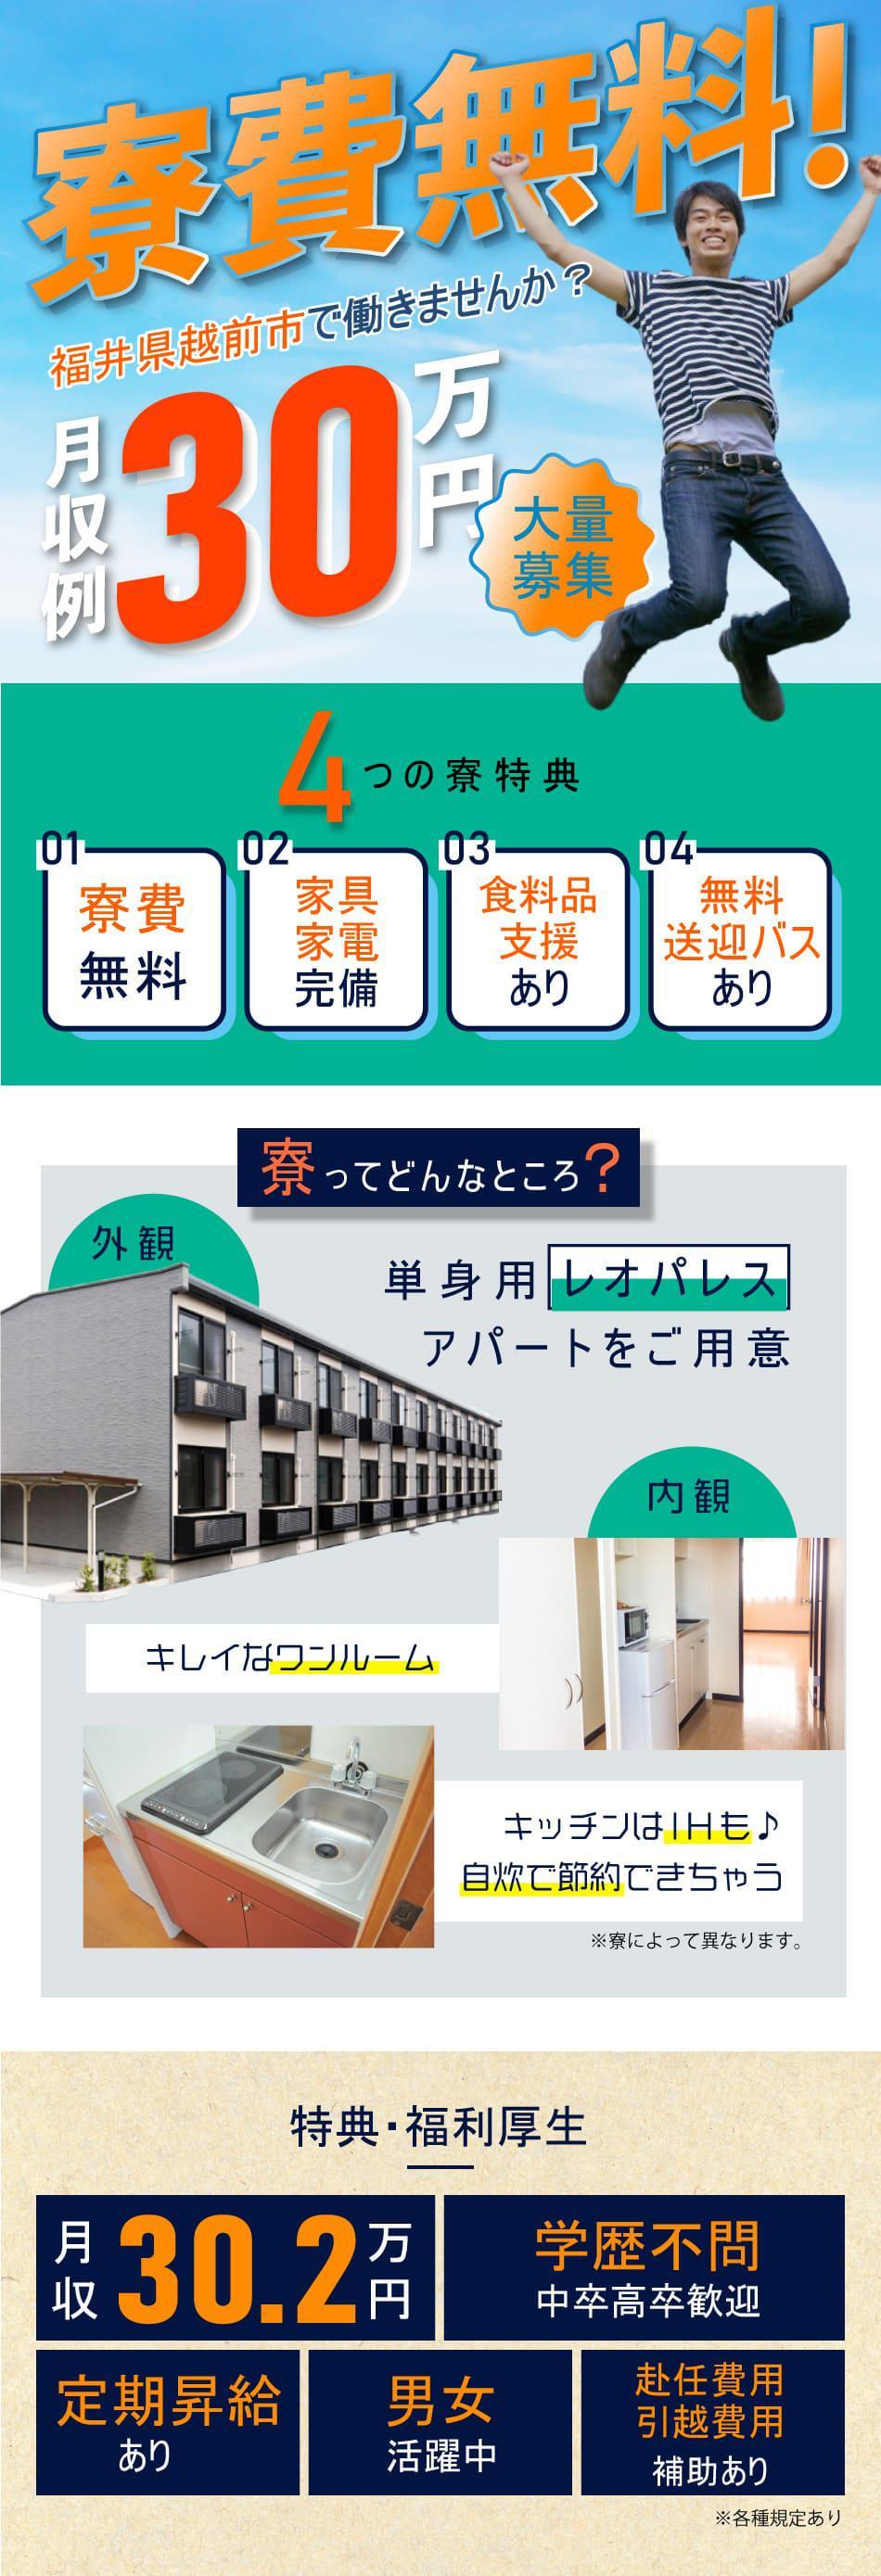 寮費無料・月収30万円・大量募集・福井県